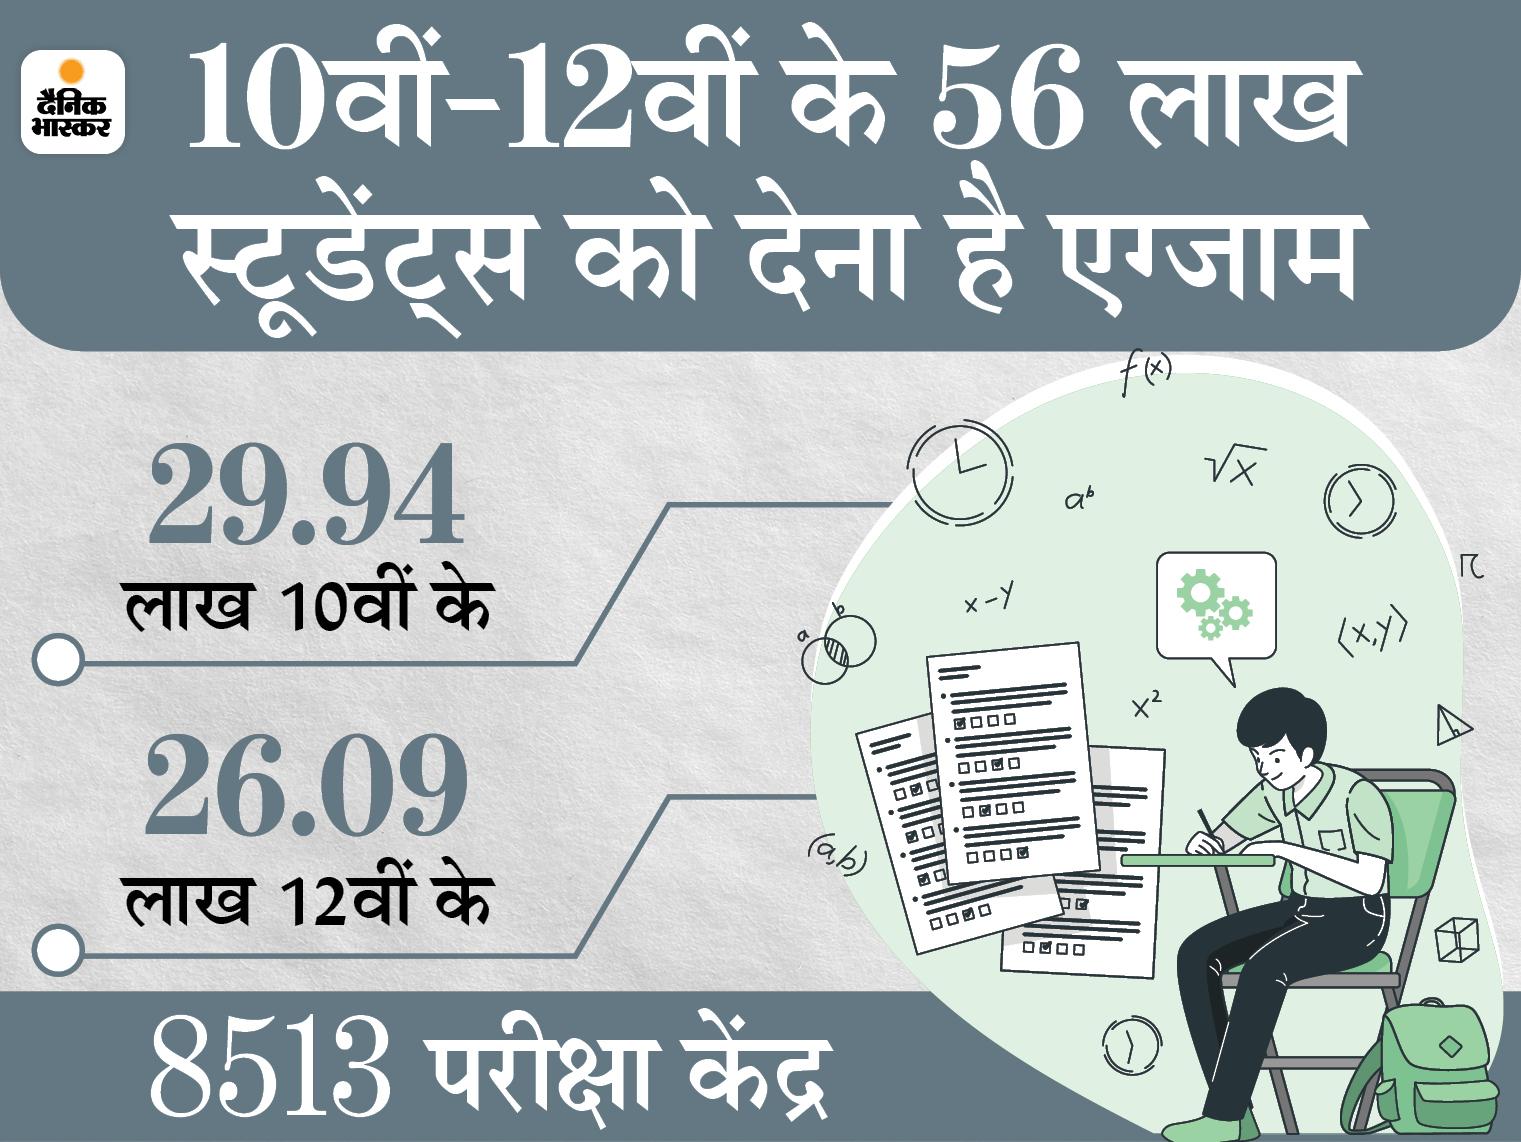 शिक्षा मंत्री समेत बोर्ड के कई अफसर कोरोना संक्रमित; 10वीं के एग्जाम रद्द हो सकते हैं, 12वीं के जून में कराने की तैयारी|उत्तरप्रदेश,Uttar Pradesh - Dainik Bhaskar